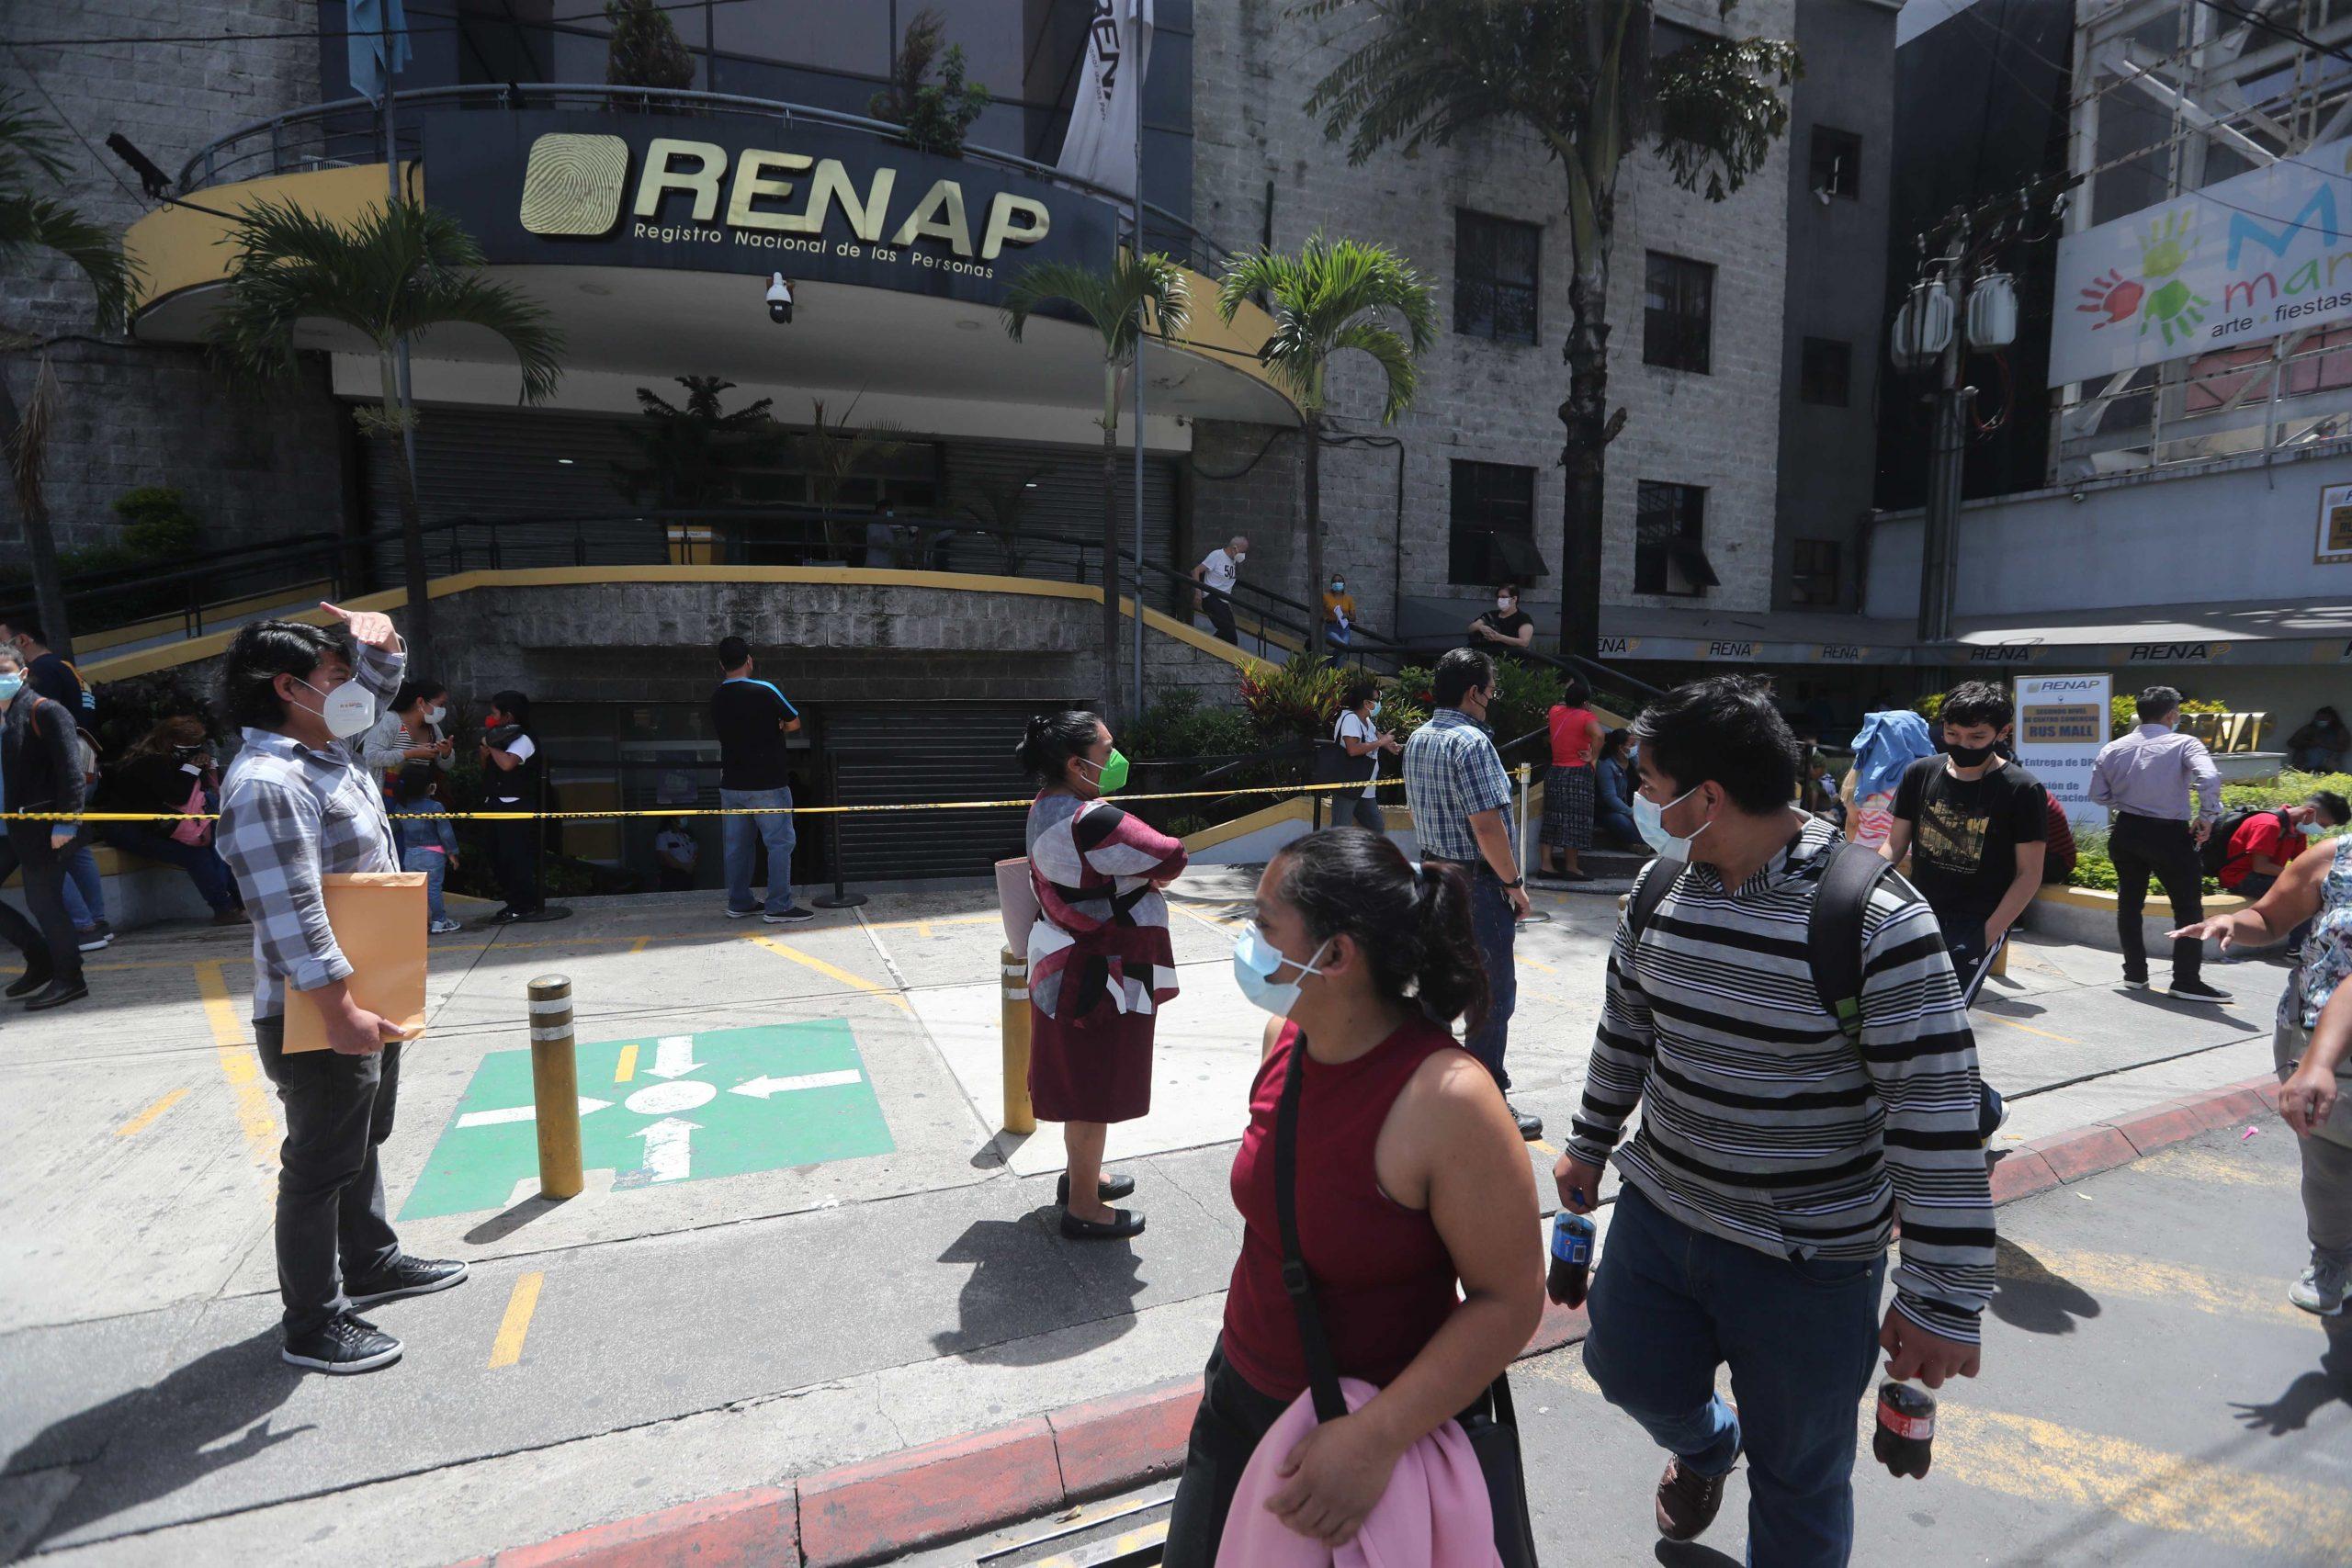 Renap elimina la posibilidad de elegir el orden de los apellidos al dar de alta a los recién nacidos - Prensa Libre